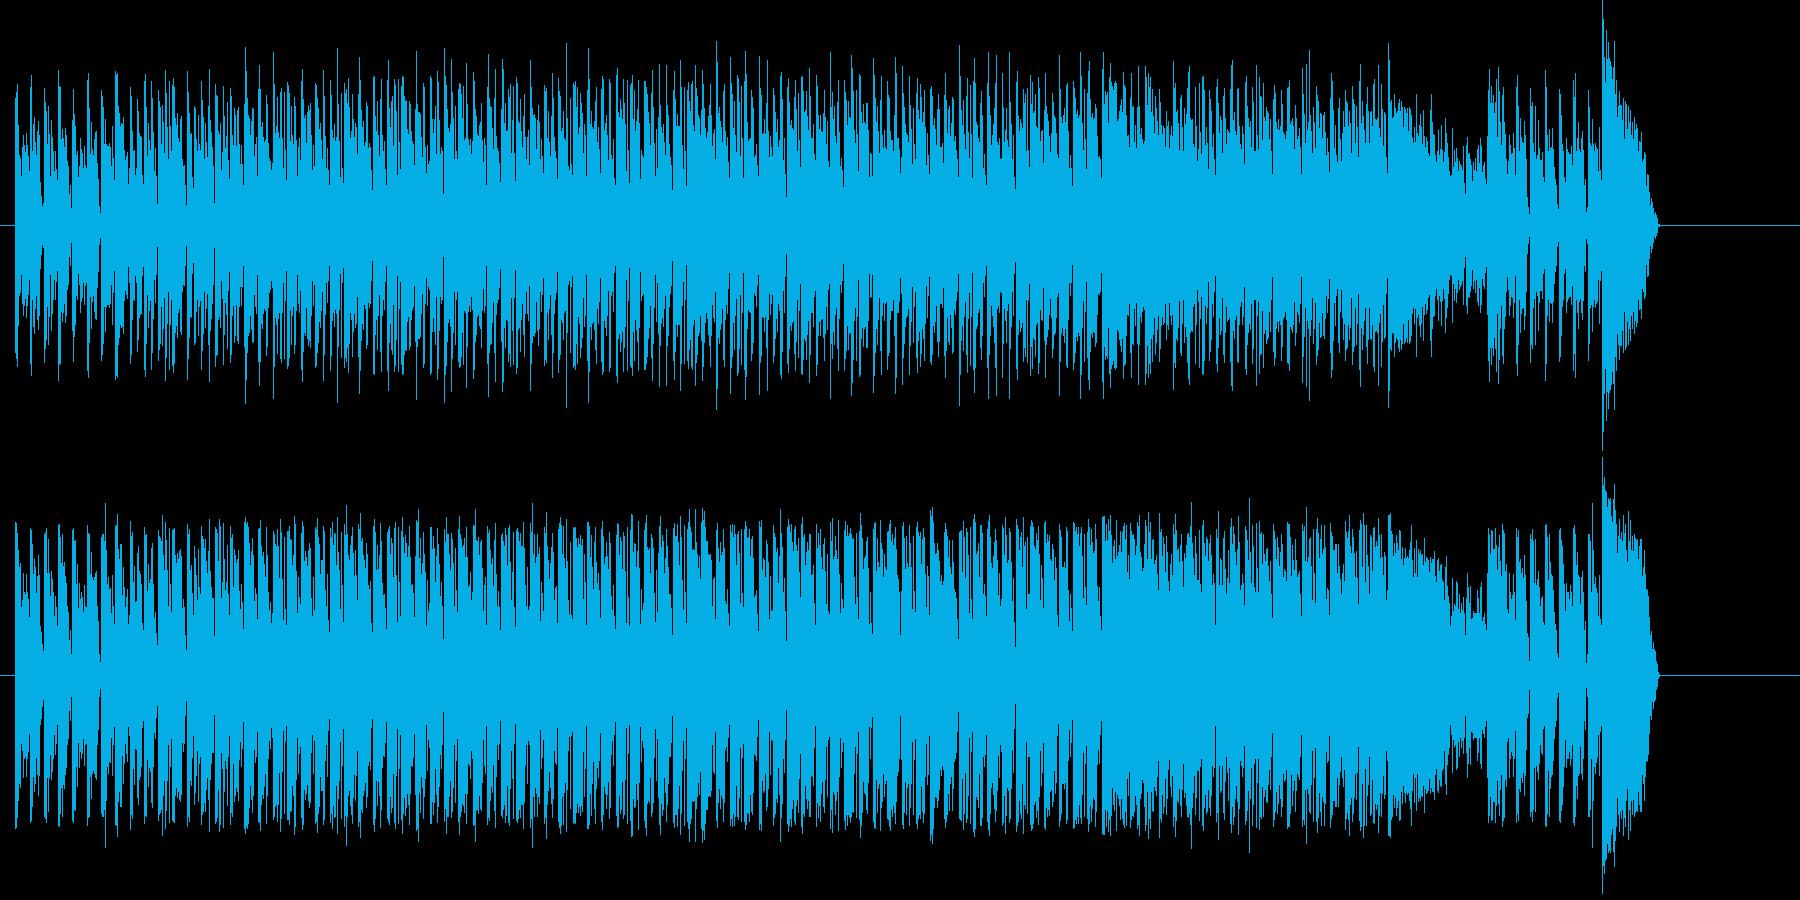 オープニング 登場 明るい わくわくの再生済みの波形